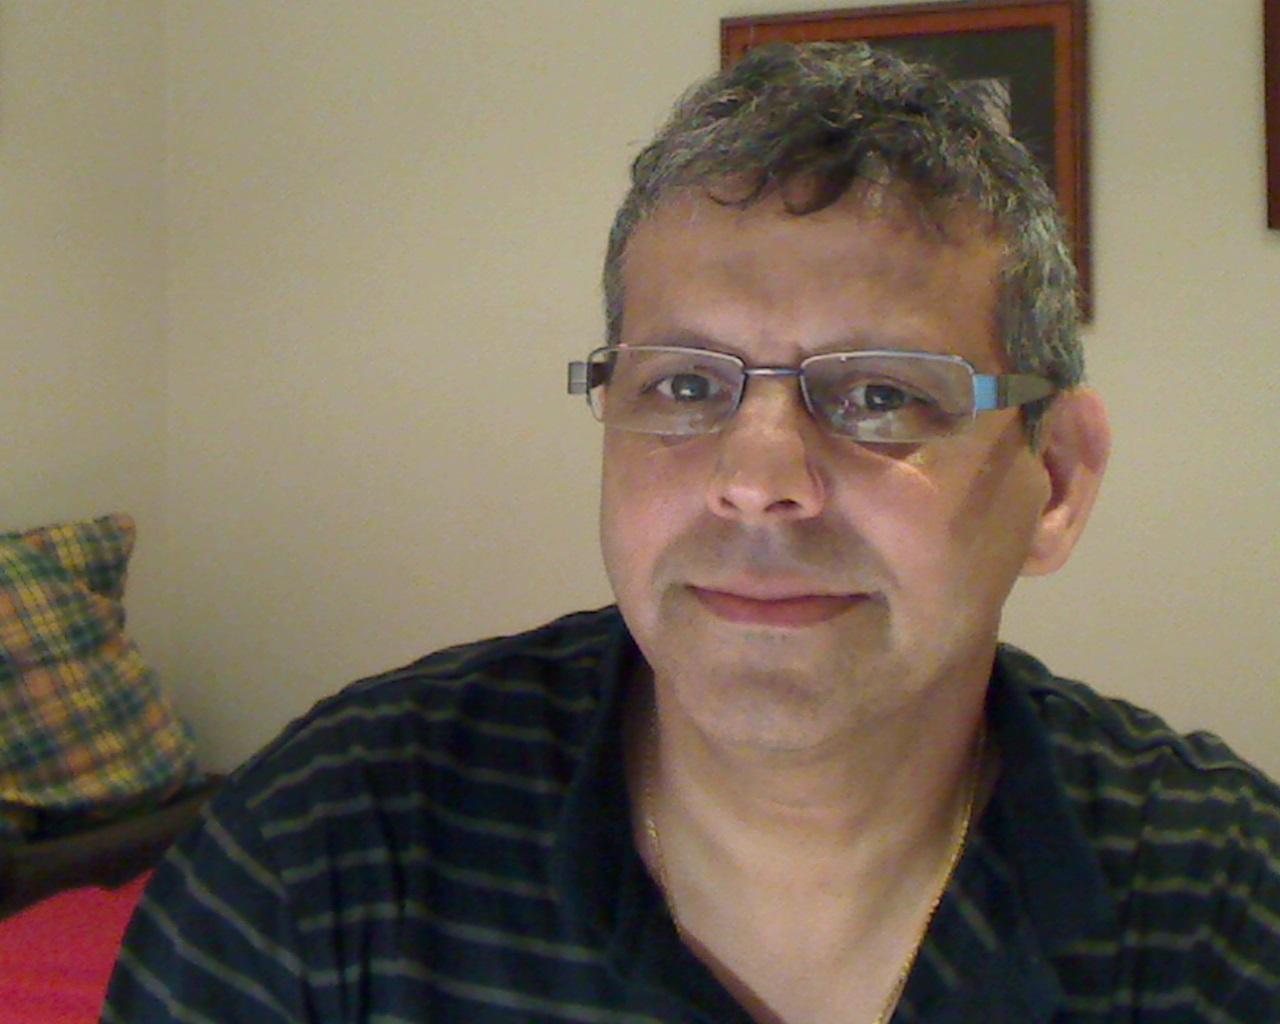 Edmund's profile picture